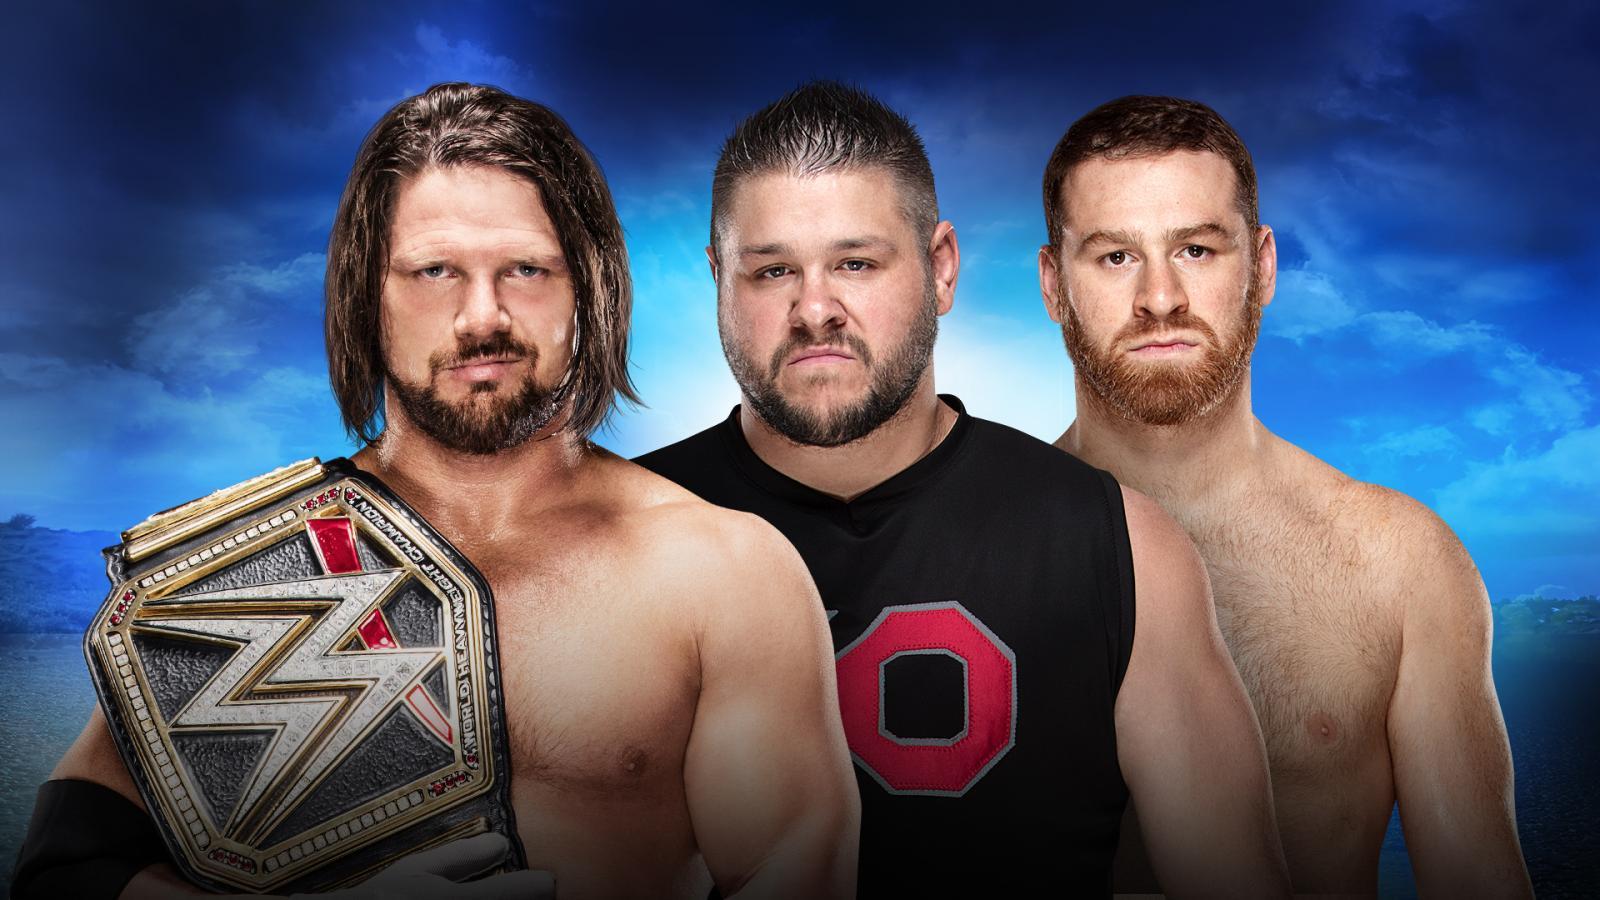 ROYAL RUMBLE 2018 RESULT: क्या एजे स्टाइल्स को दो रेस्लरो से एक साथ भिड़ना महँगा पड़ गया, जाने कौन बना नया WWE चैम्पियन 18